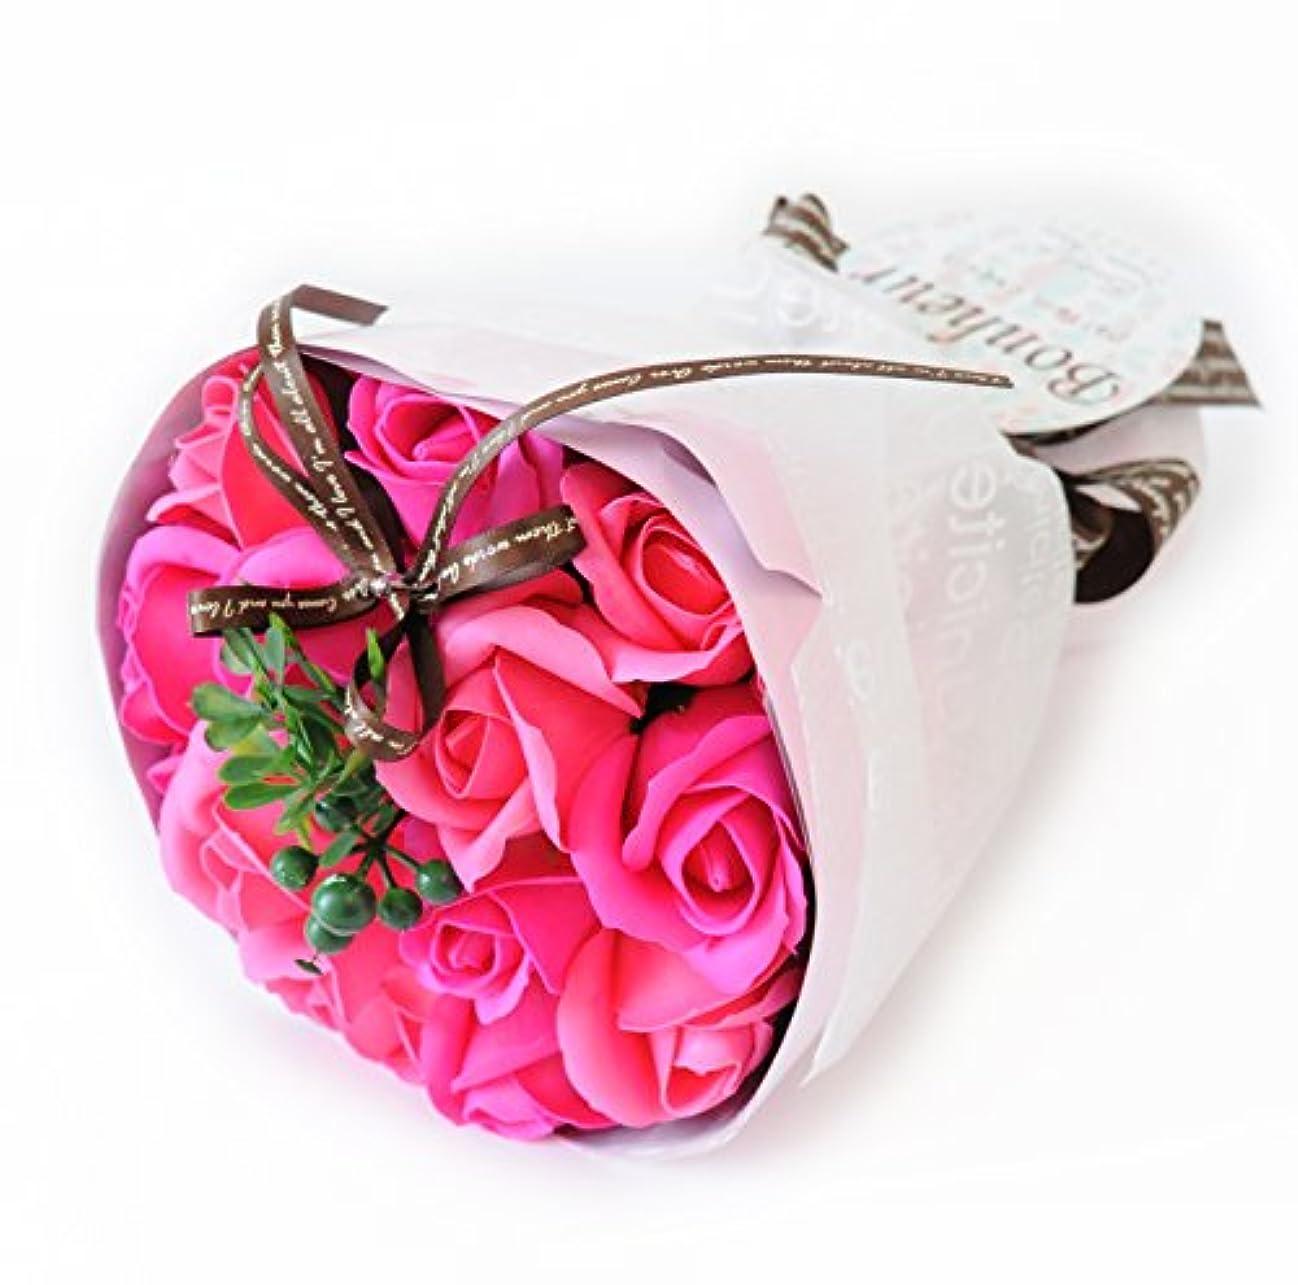 望む作り上げるマントフラワーマーケット花由 ソープフラワー アロマローズブーケ ビューティー シャボンフラワー フラワーソープ